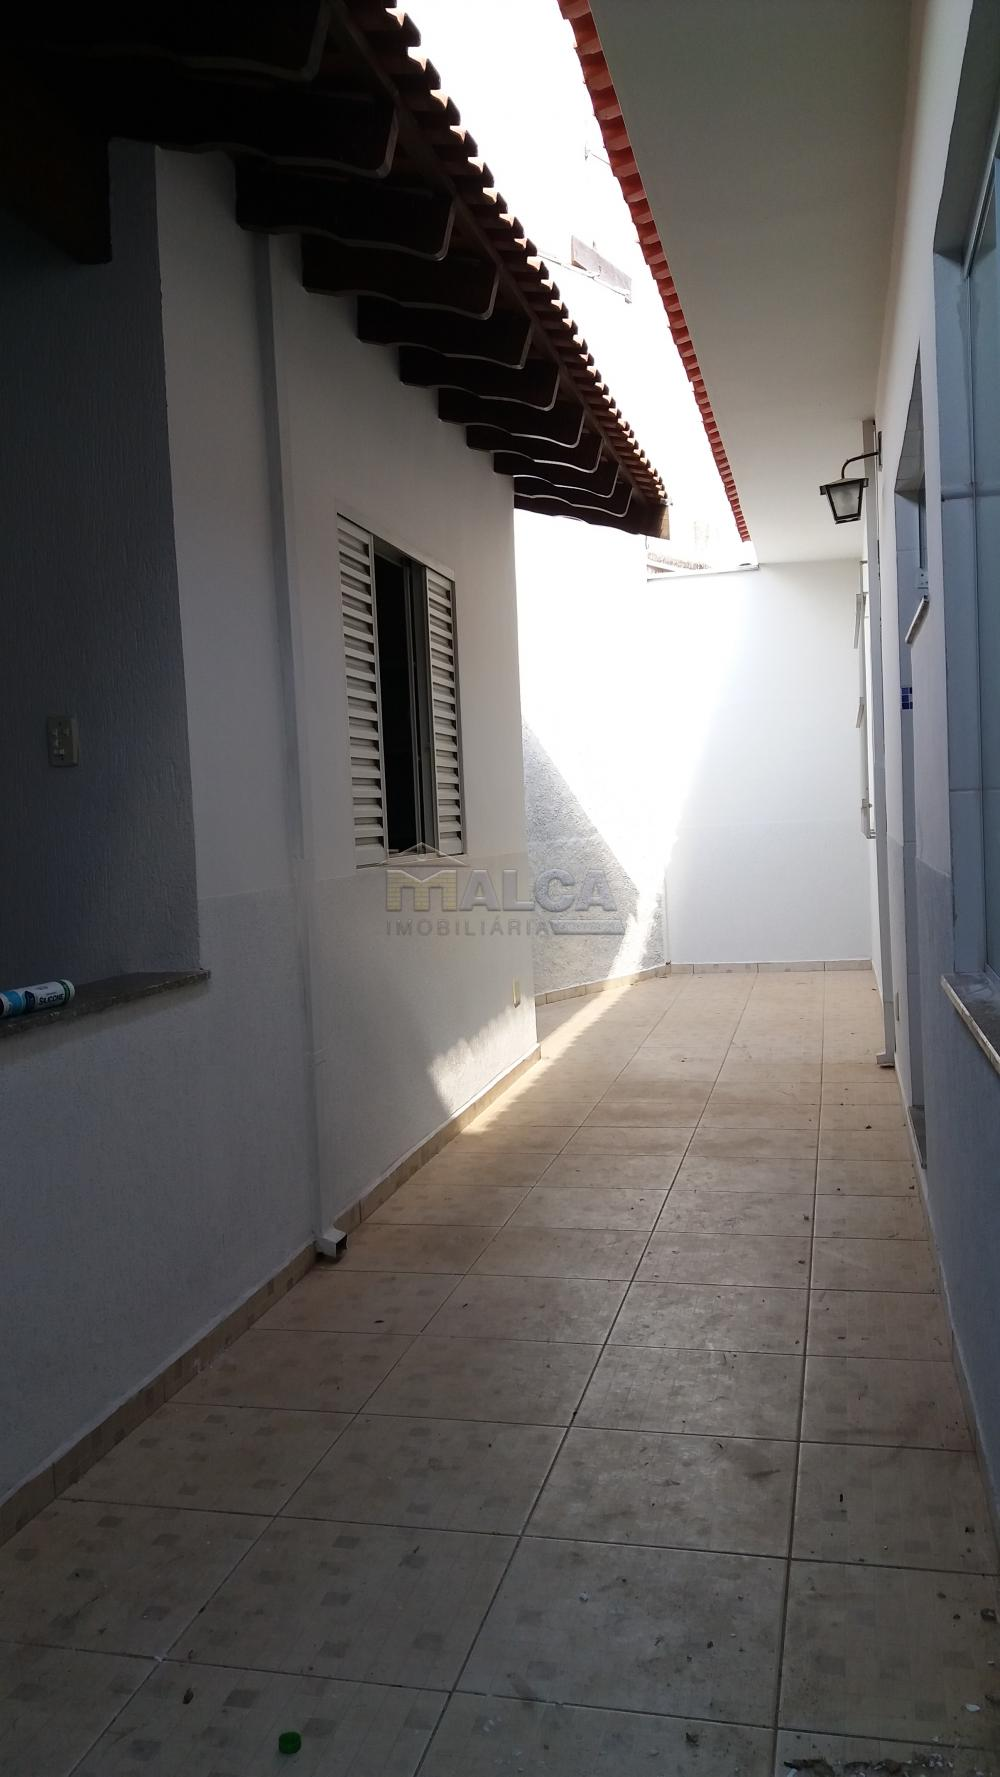 Comprar Casas / Padrão em São José do Rio Pardo R$ 690.000,00 - Foto 27